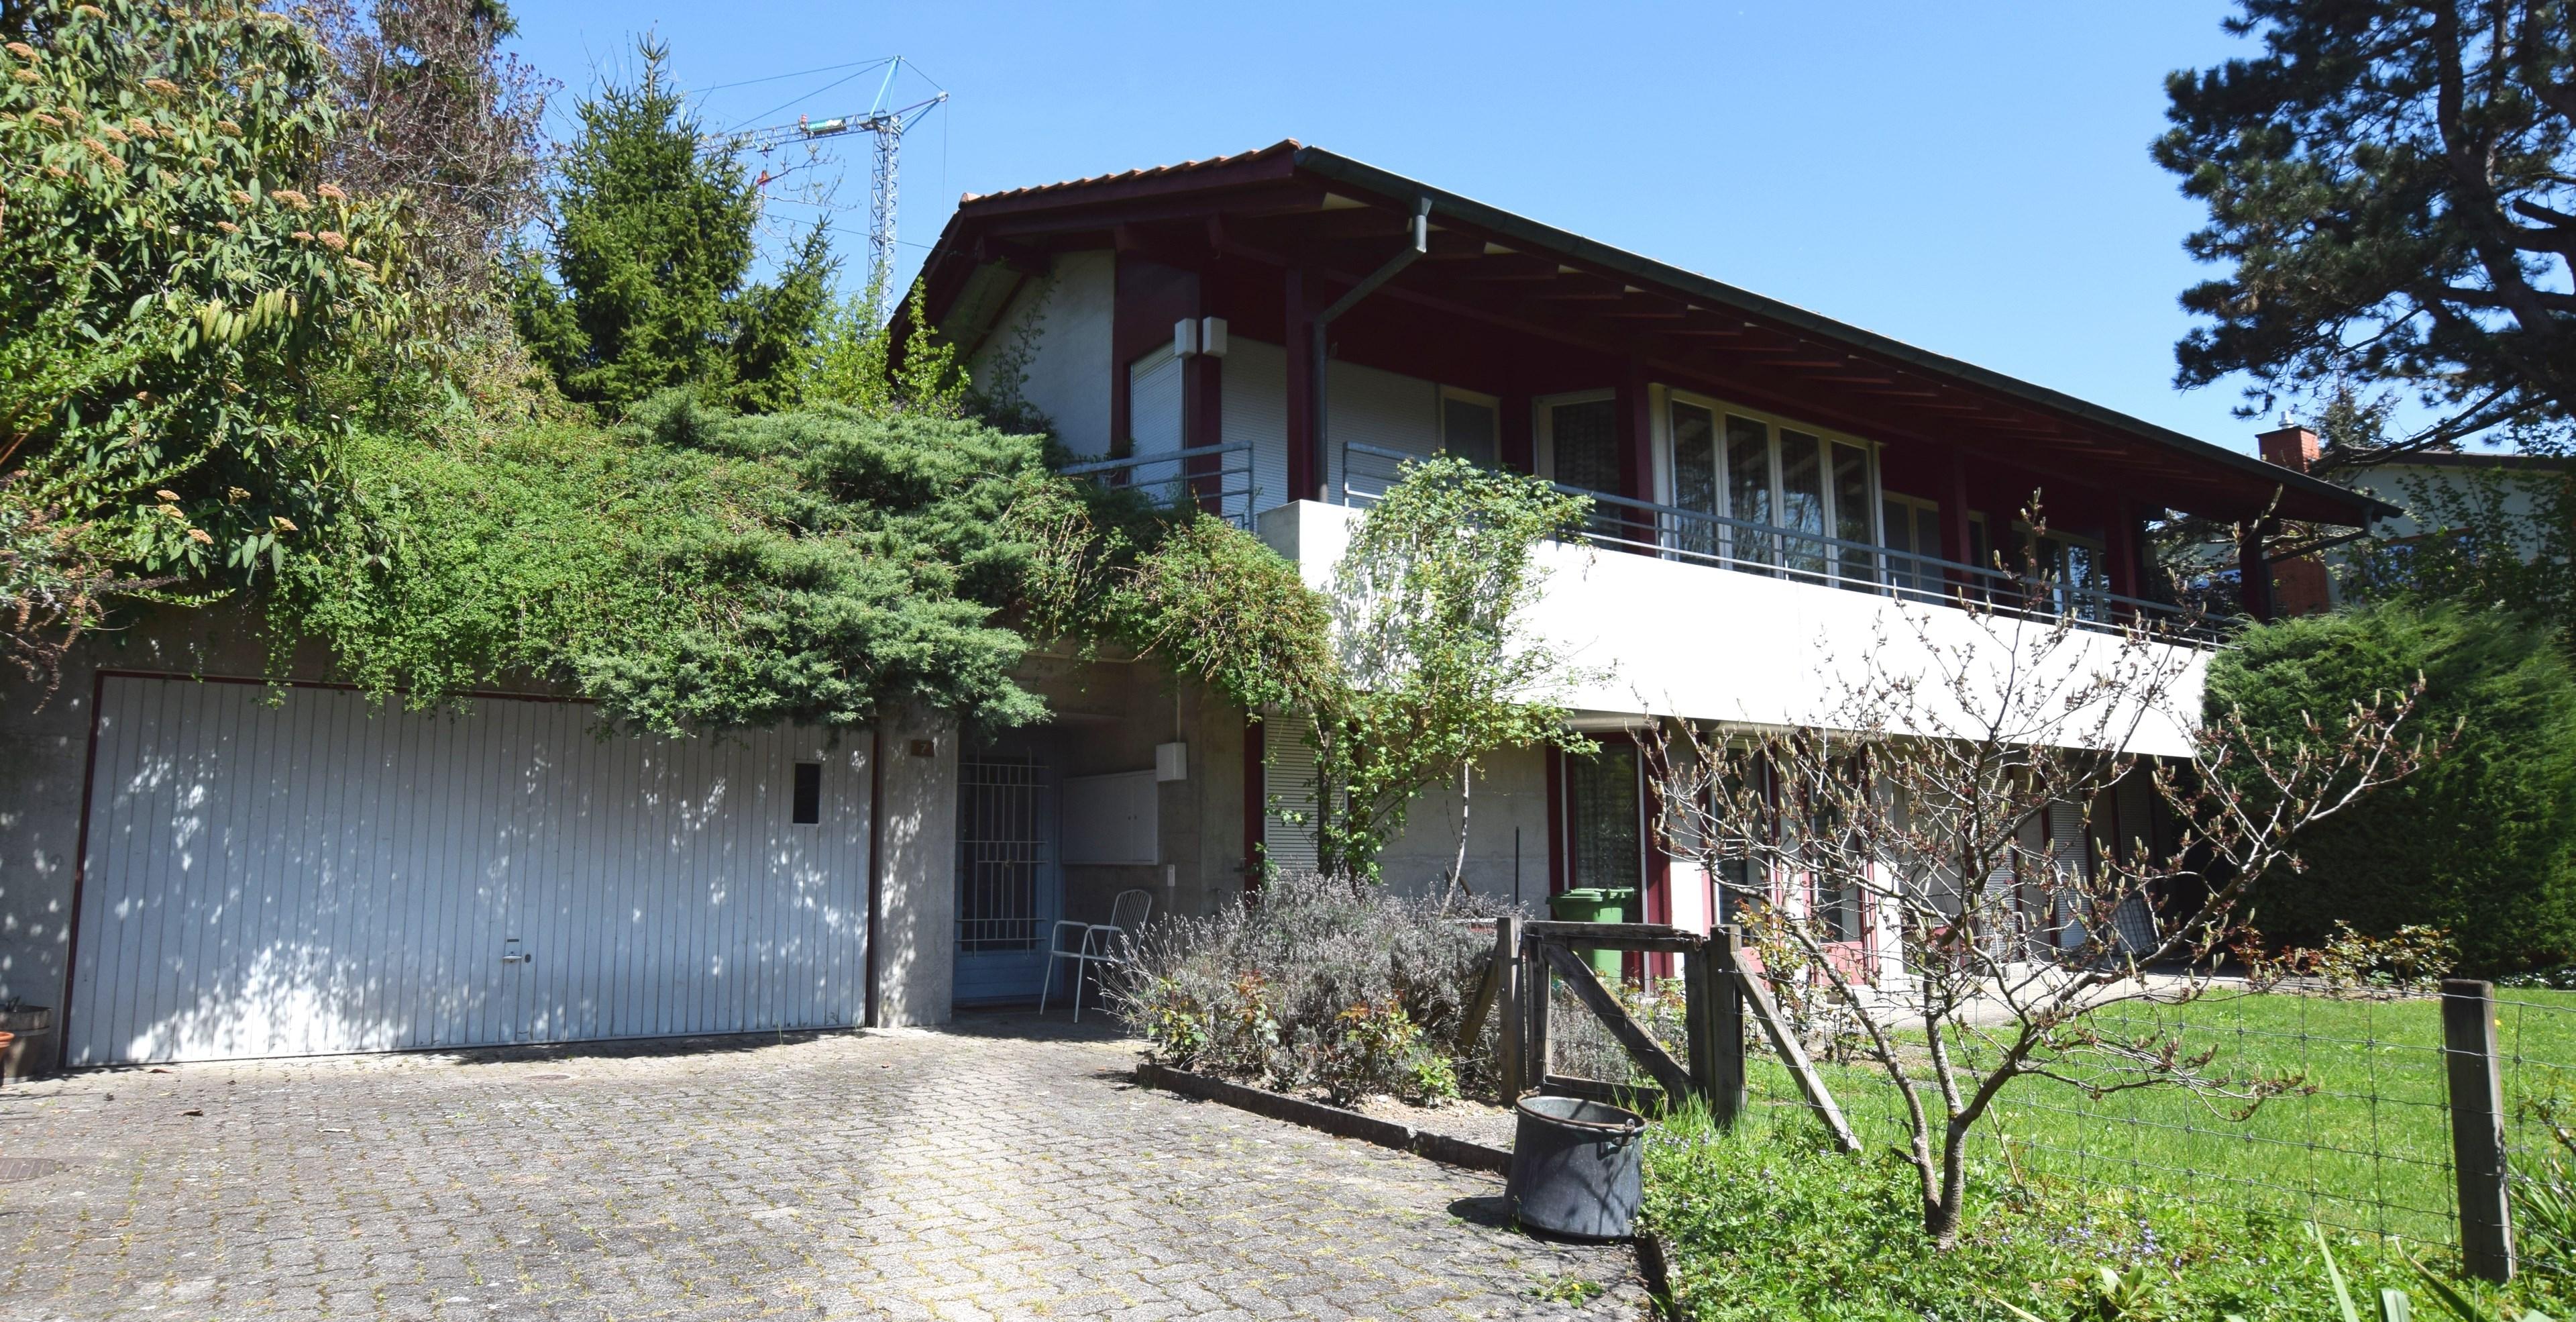 Doppelgarage , Hauseingang, Garten